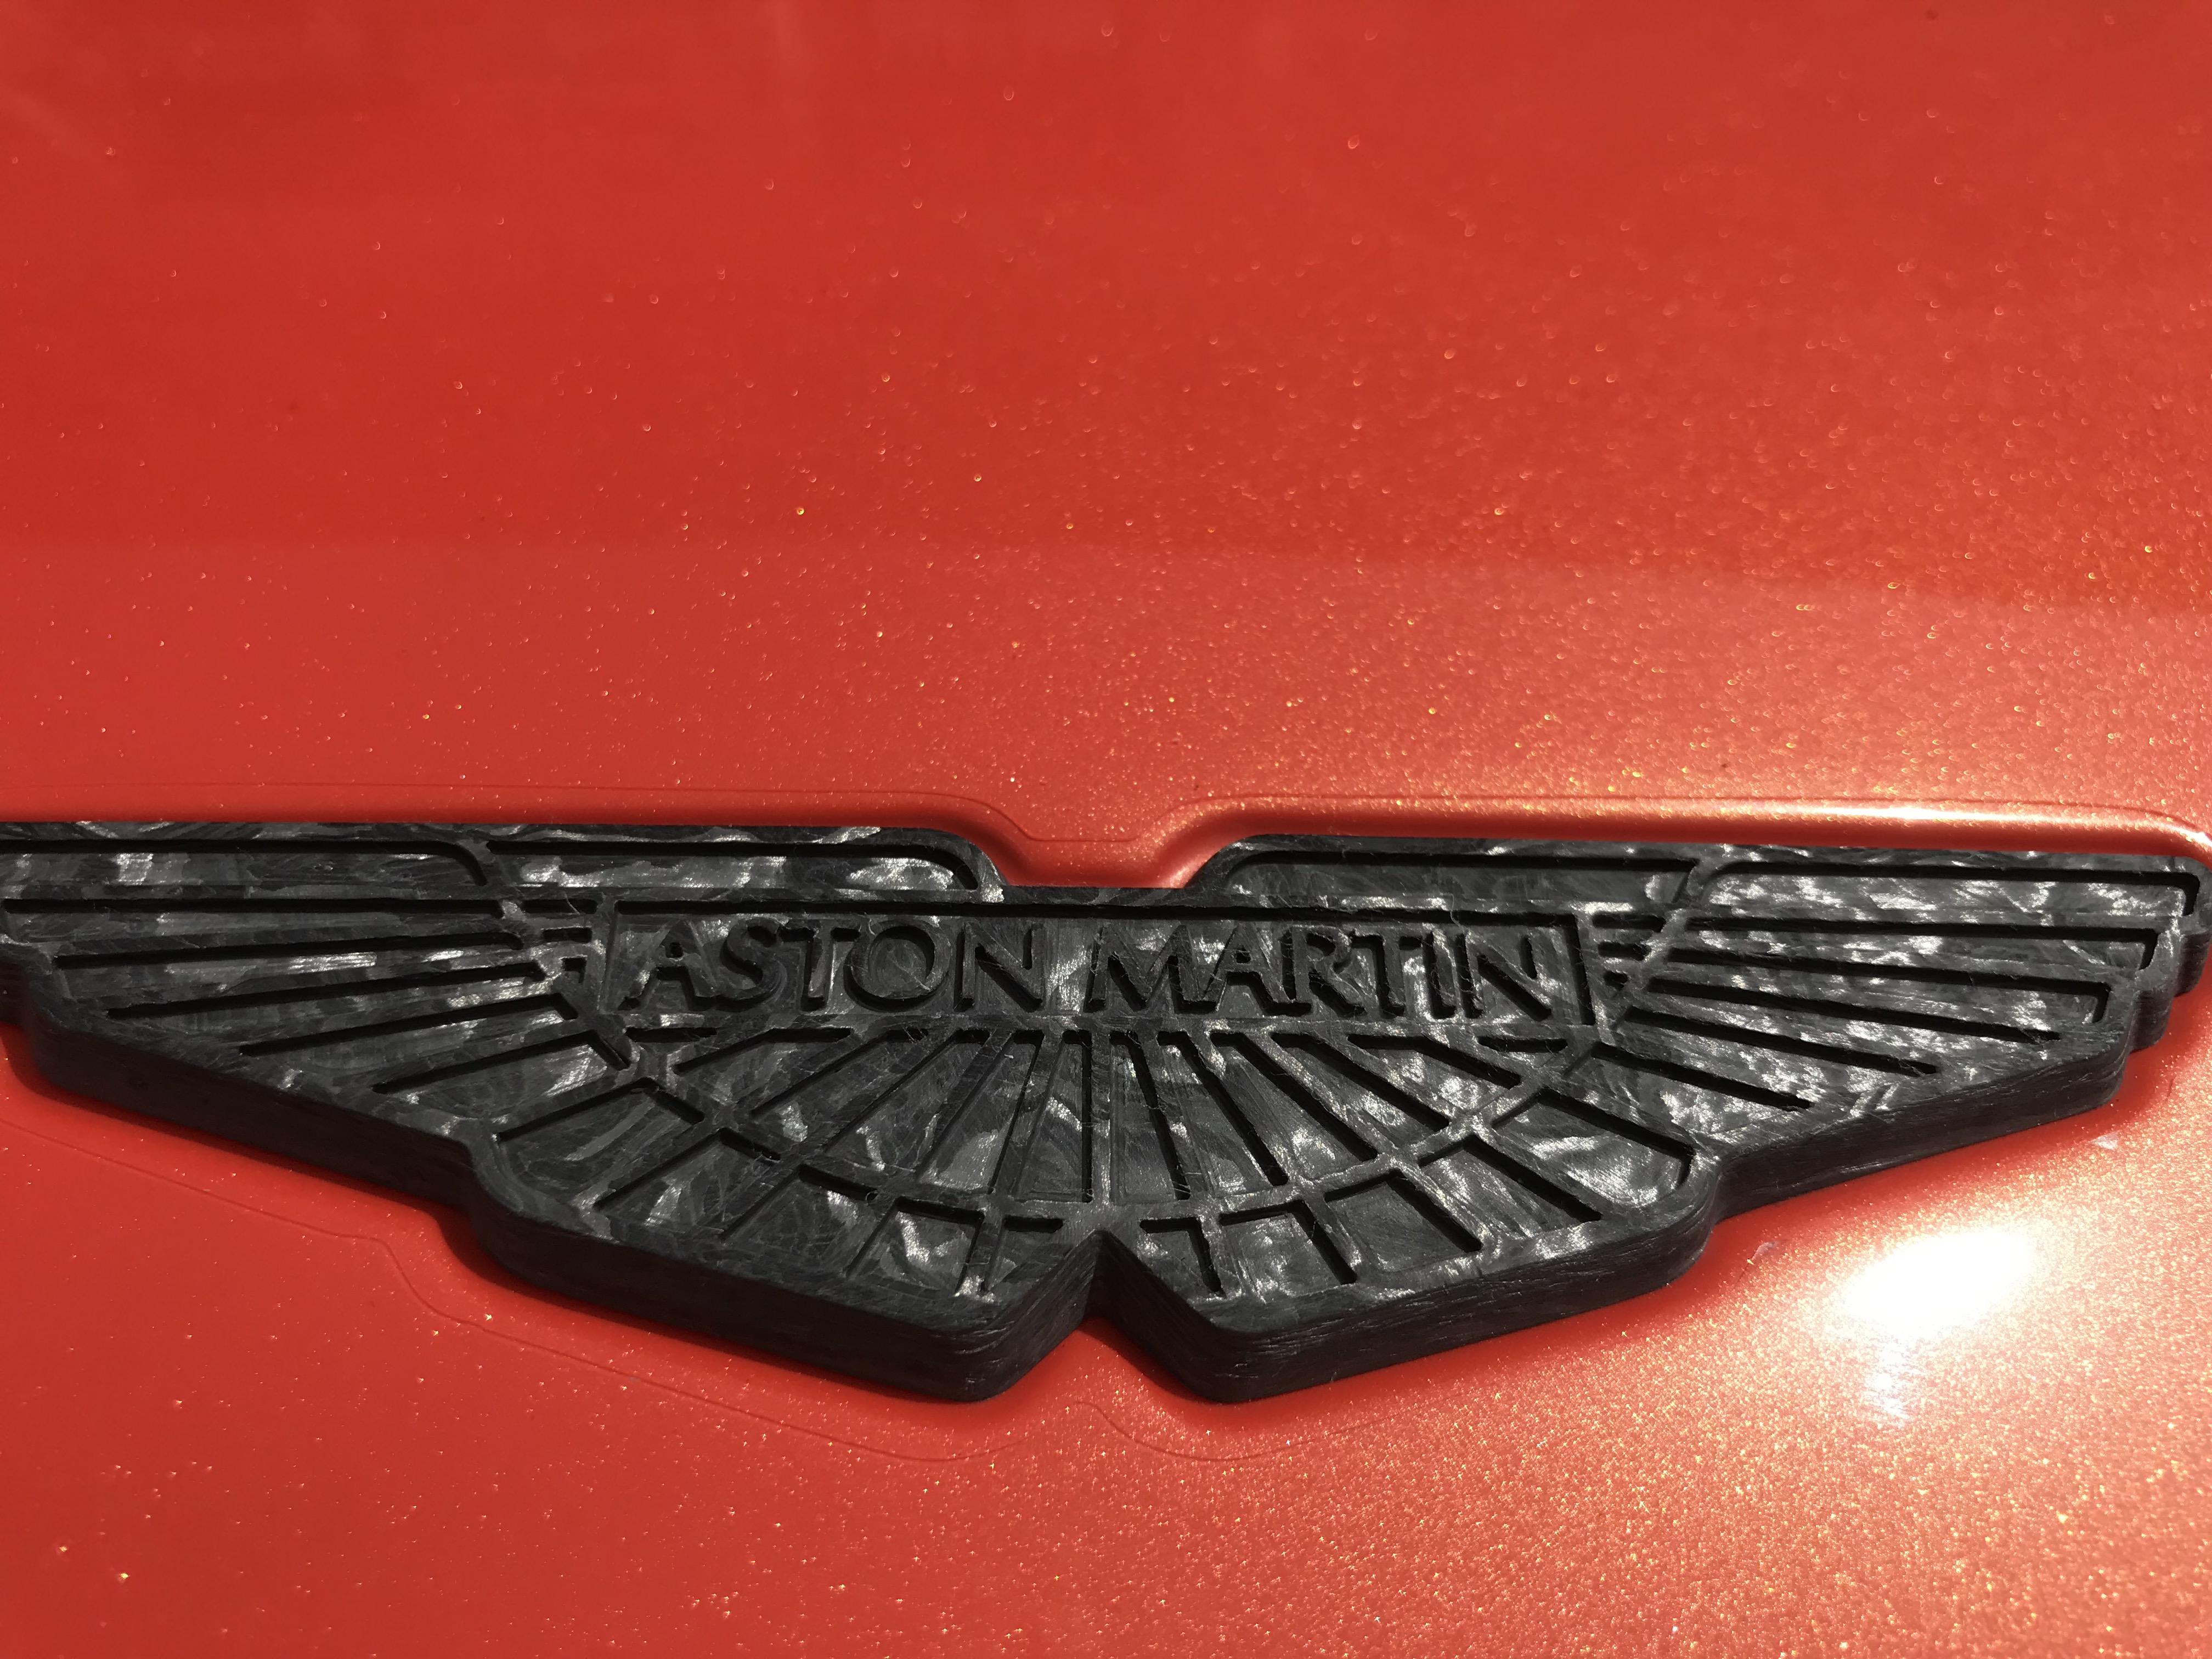 carbon merklogo Aston Martin DBS Superleggera Volante